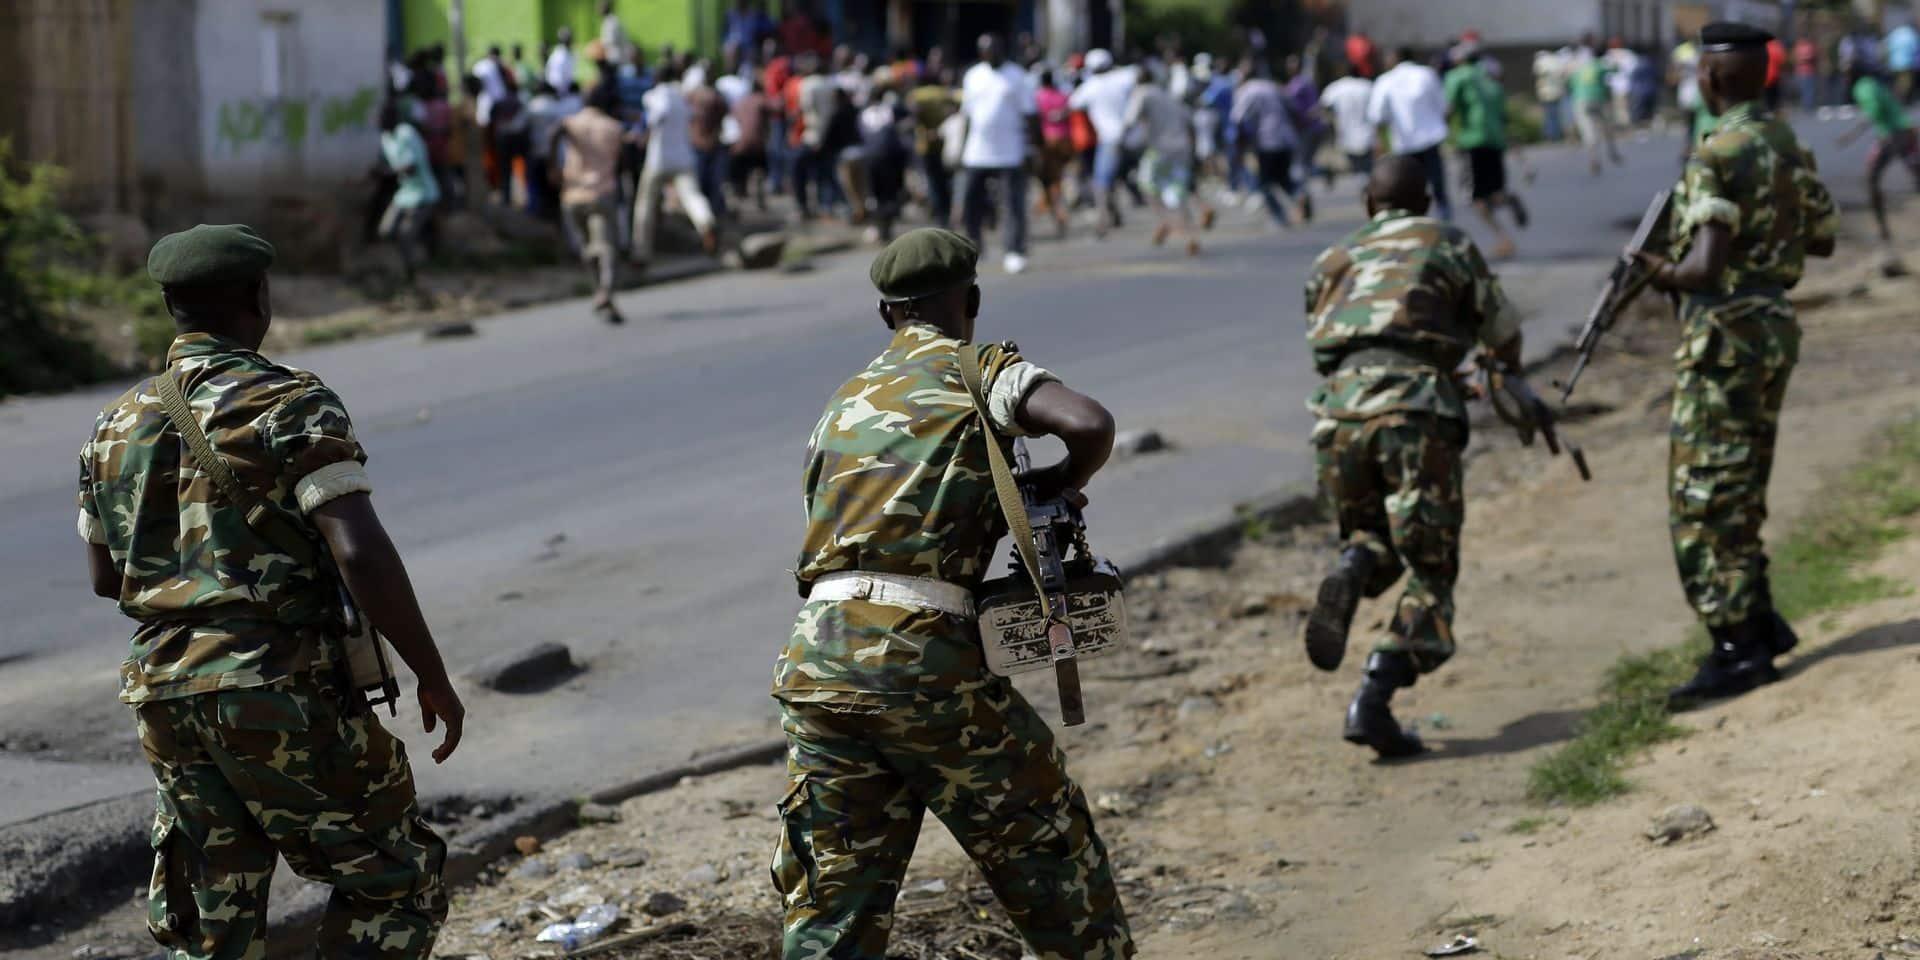 Les relations entre l'UE et le Burundi avaient été suspendues en 2016 en raison de la violence de la répression des opposants burundais à un troisième mandat du président Pierre Nkurunziza